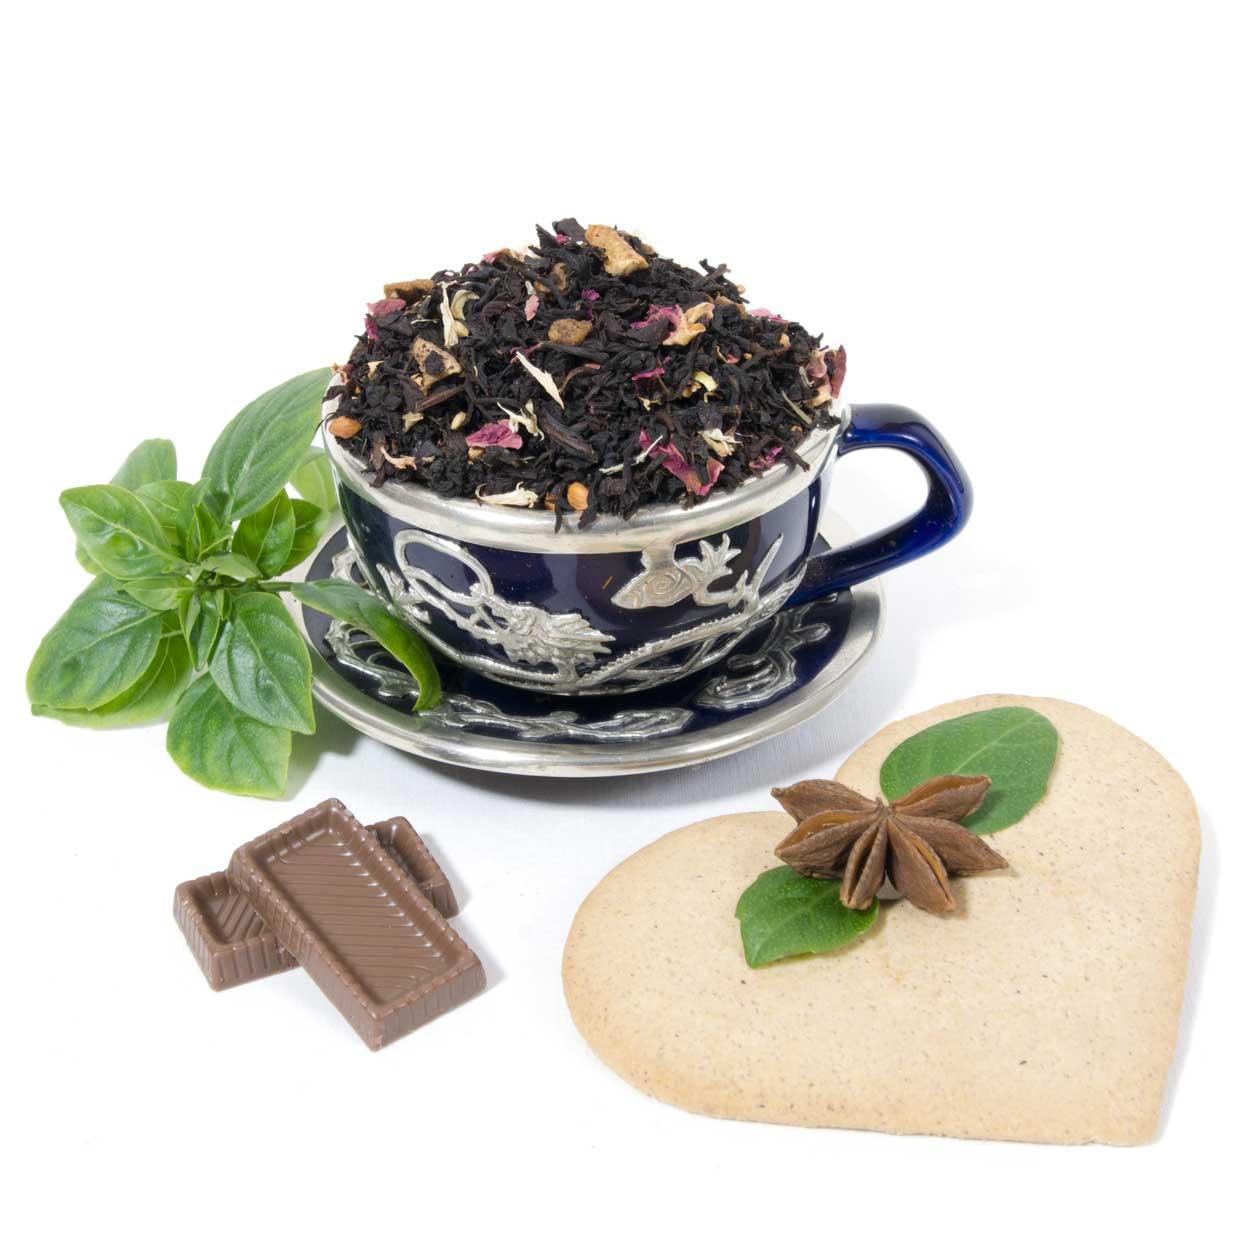 Чай из листьев груши польза и вред